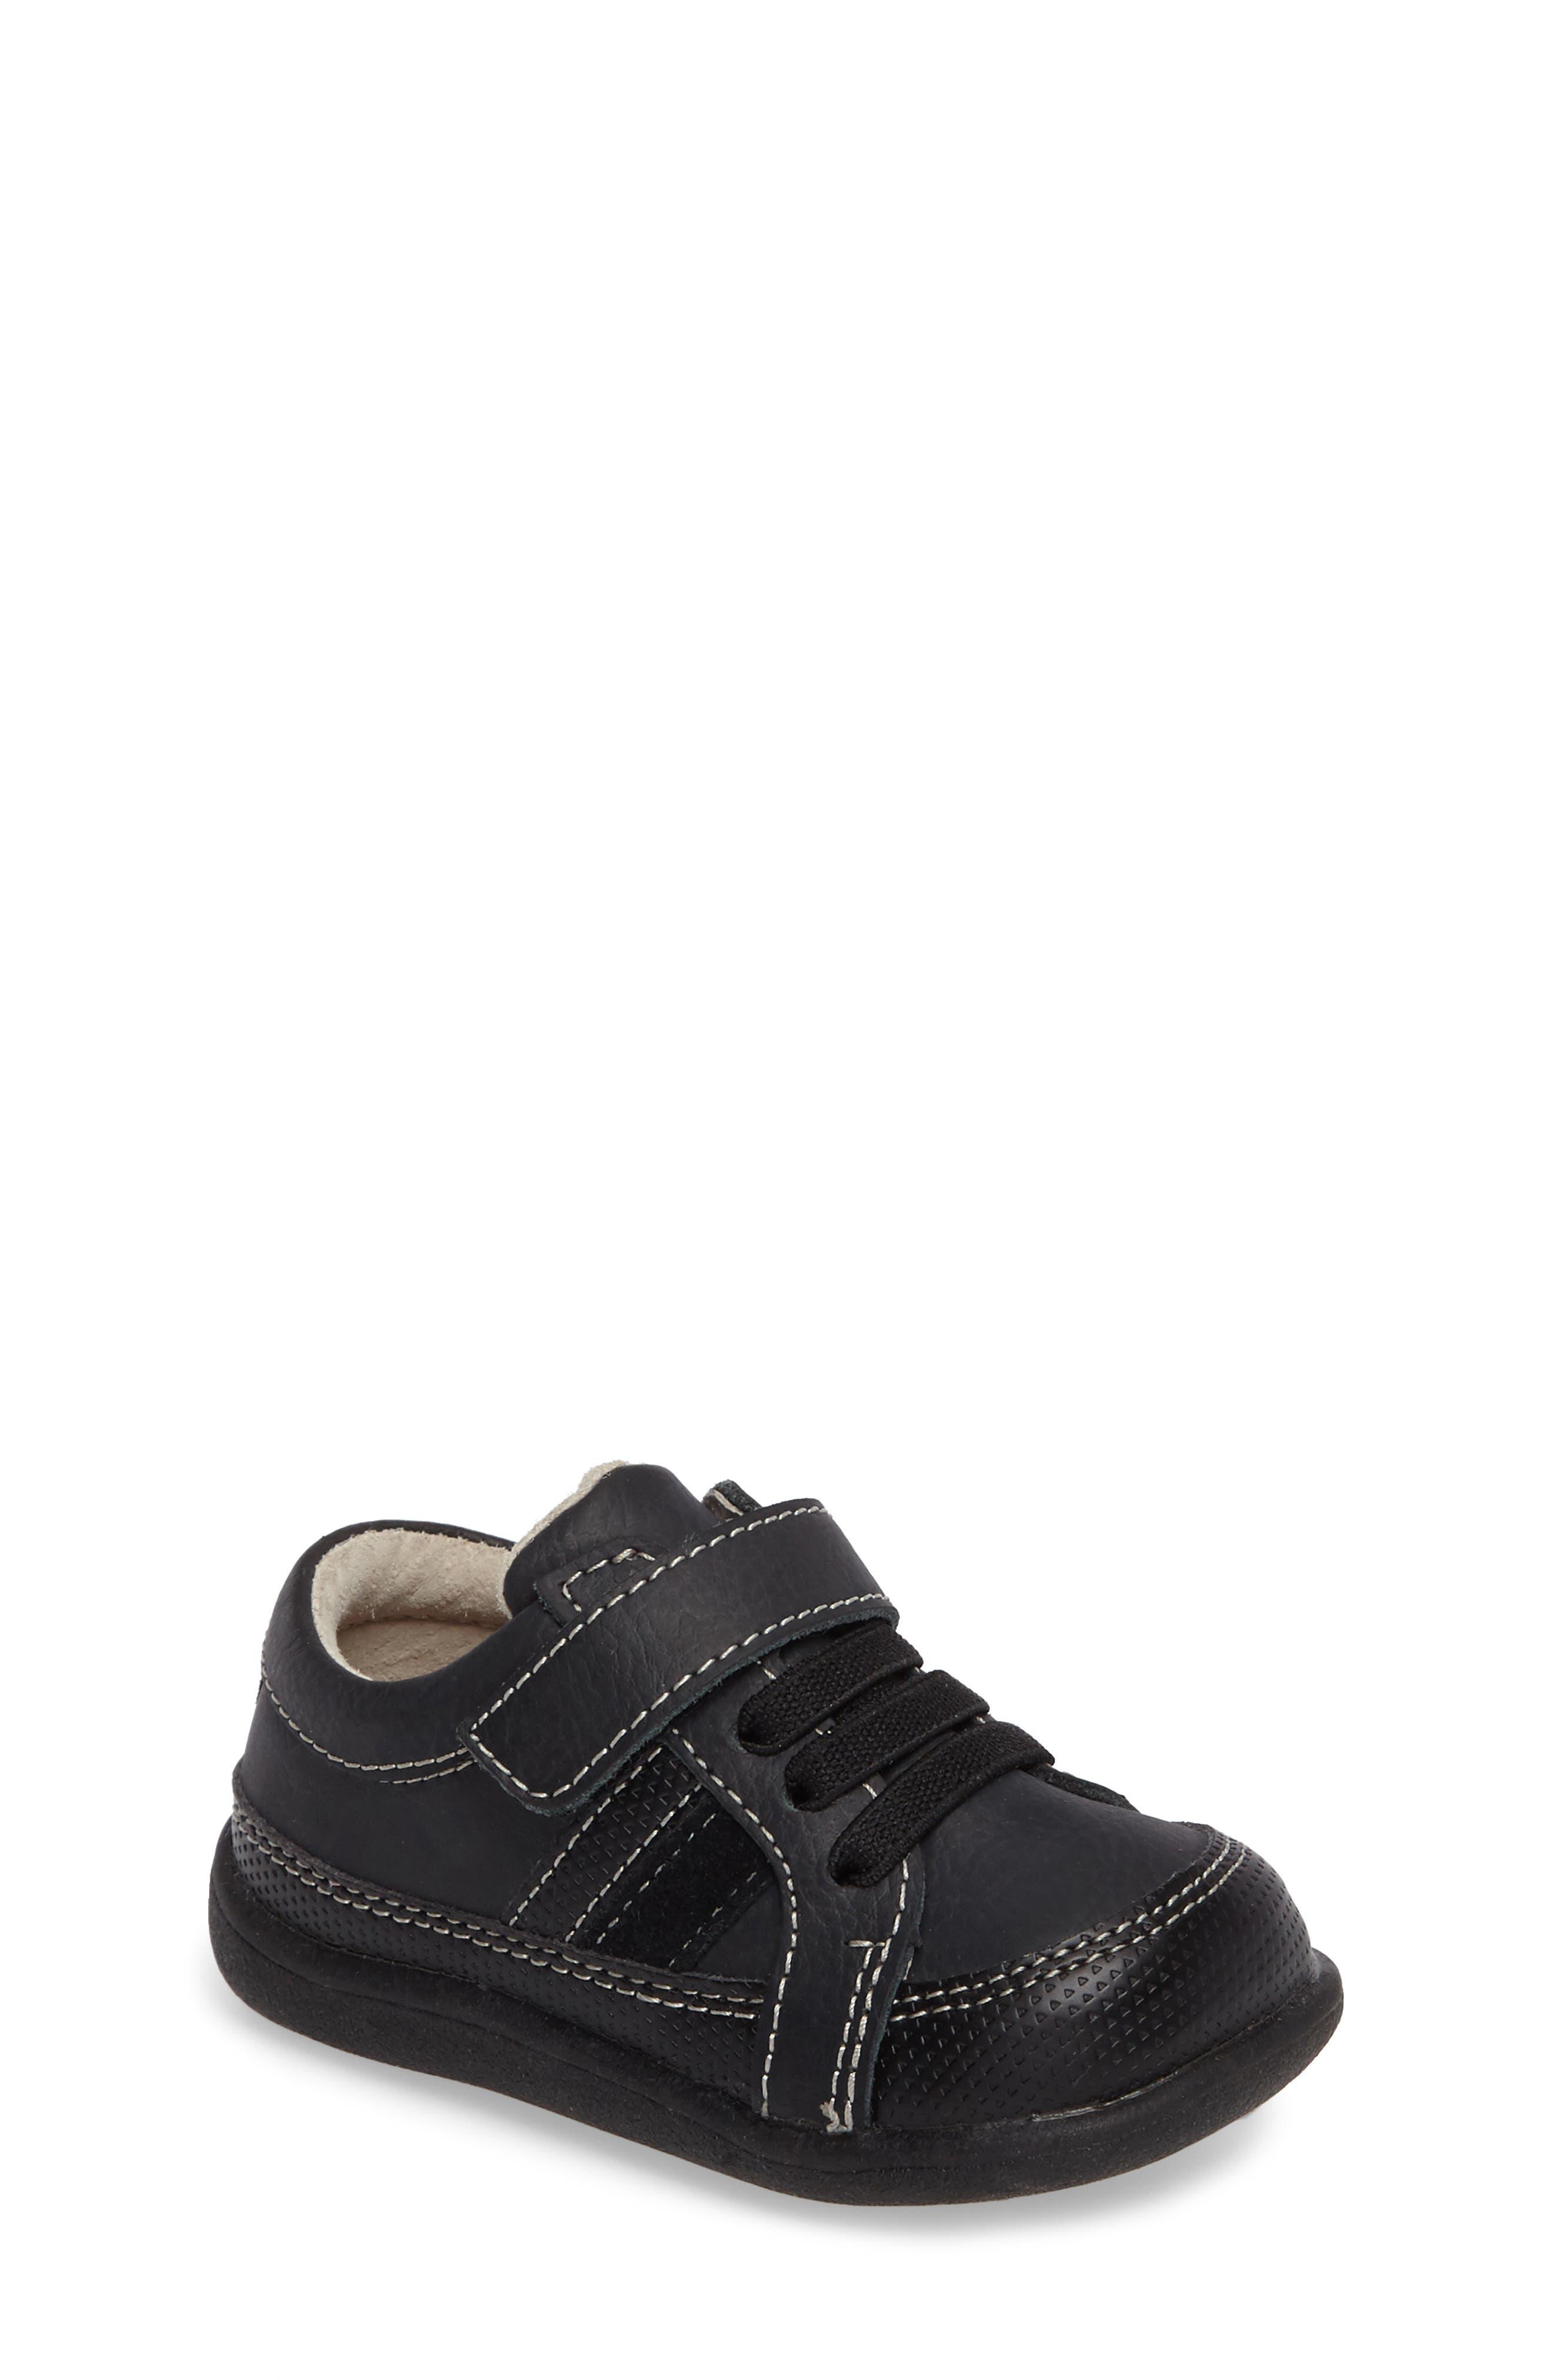 Randall II Sneaker,                         Main,                         color, Black